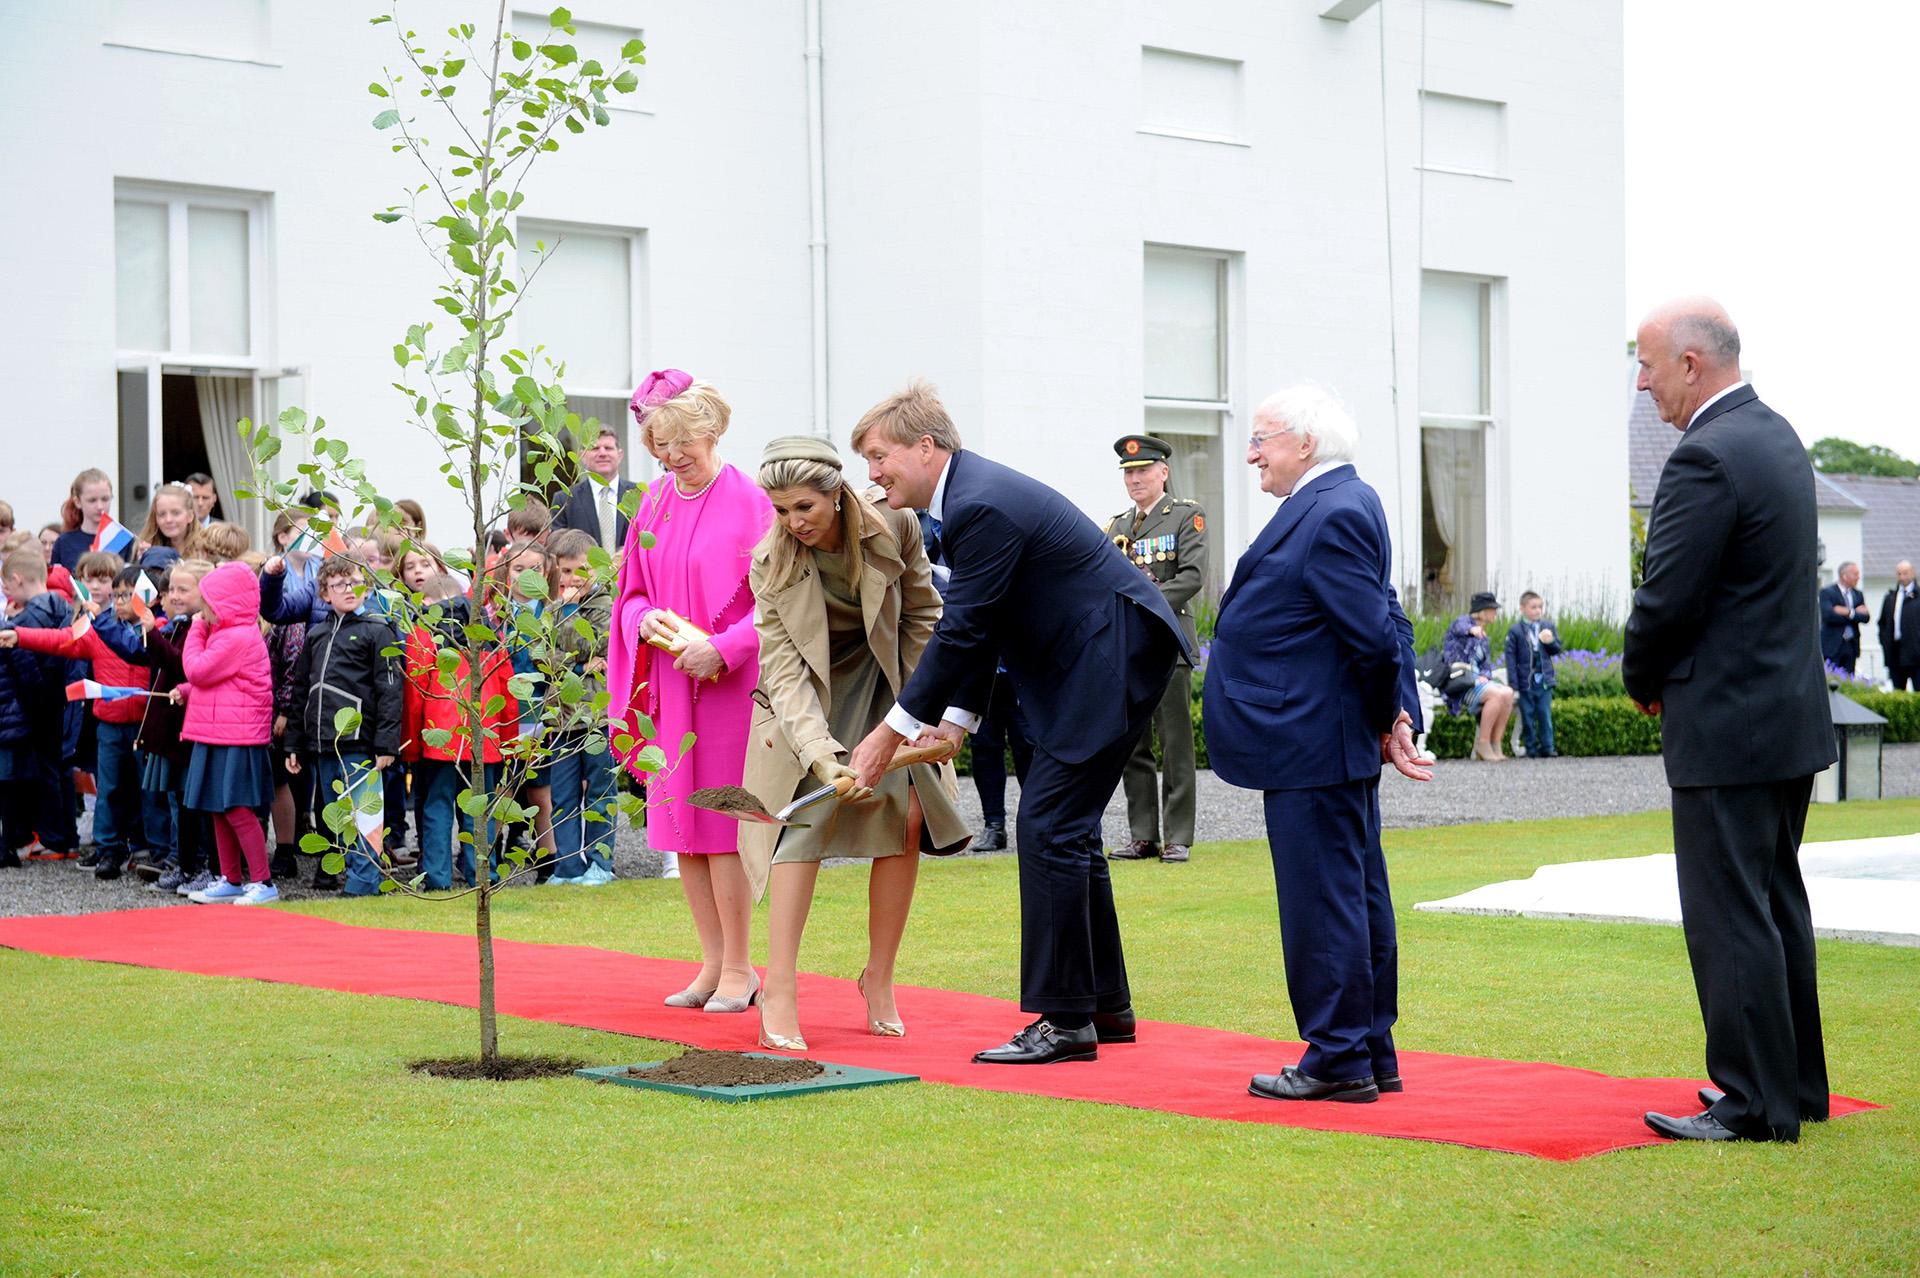 Máxima y Guillermo de Holanda plantaron un árbol en su visita oficial a Irlanda